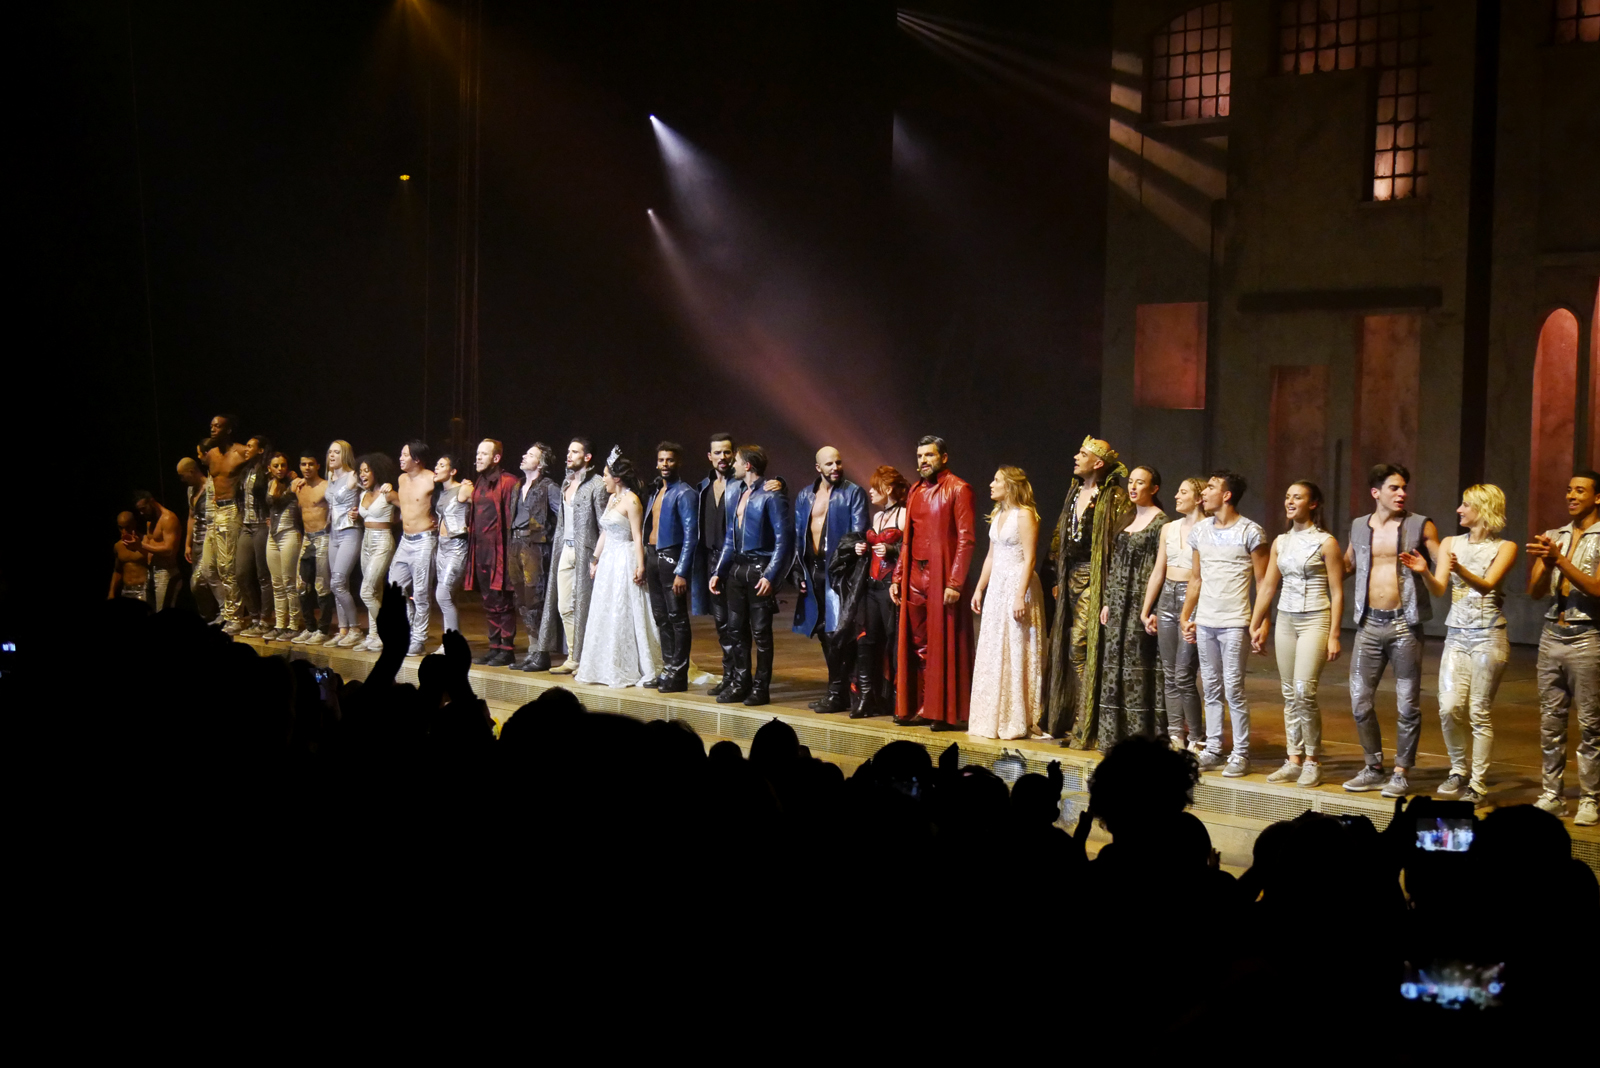 les-3-mousquetaires-le-spectacle-comedie-musicale-salut-troupe-oliver-dion-brahim-zaibat-damien-sargue-victoria-photo-scene-usofparis-blog